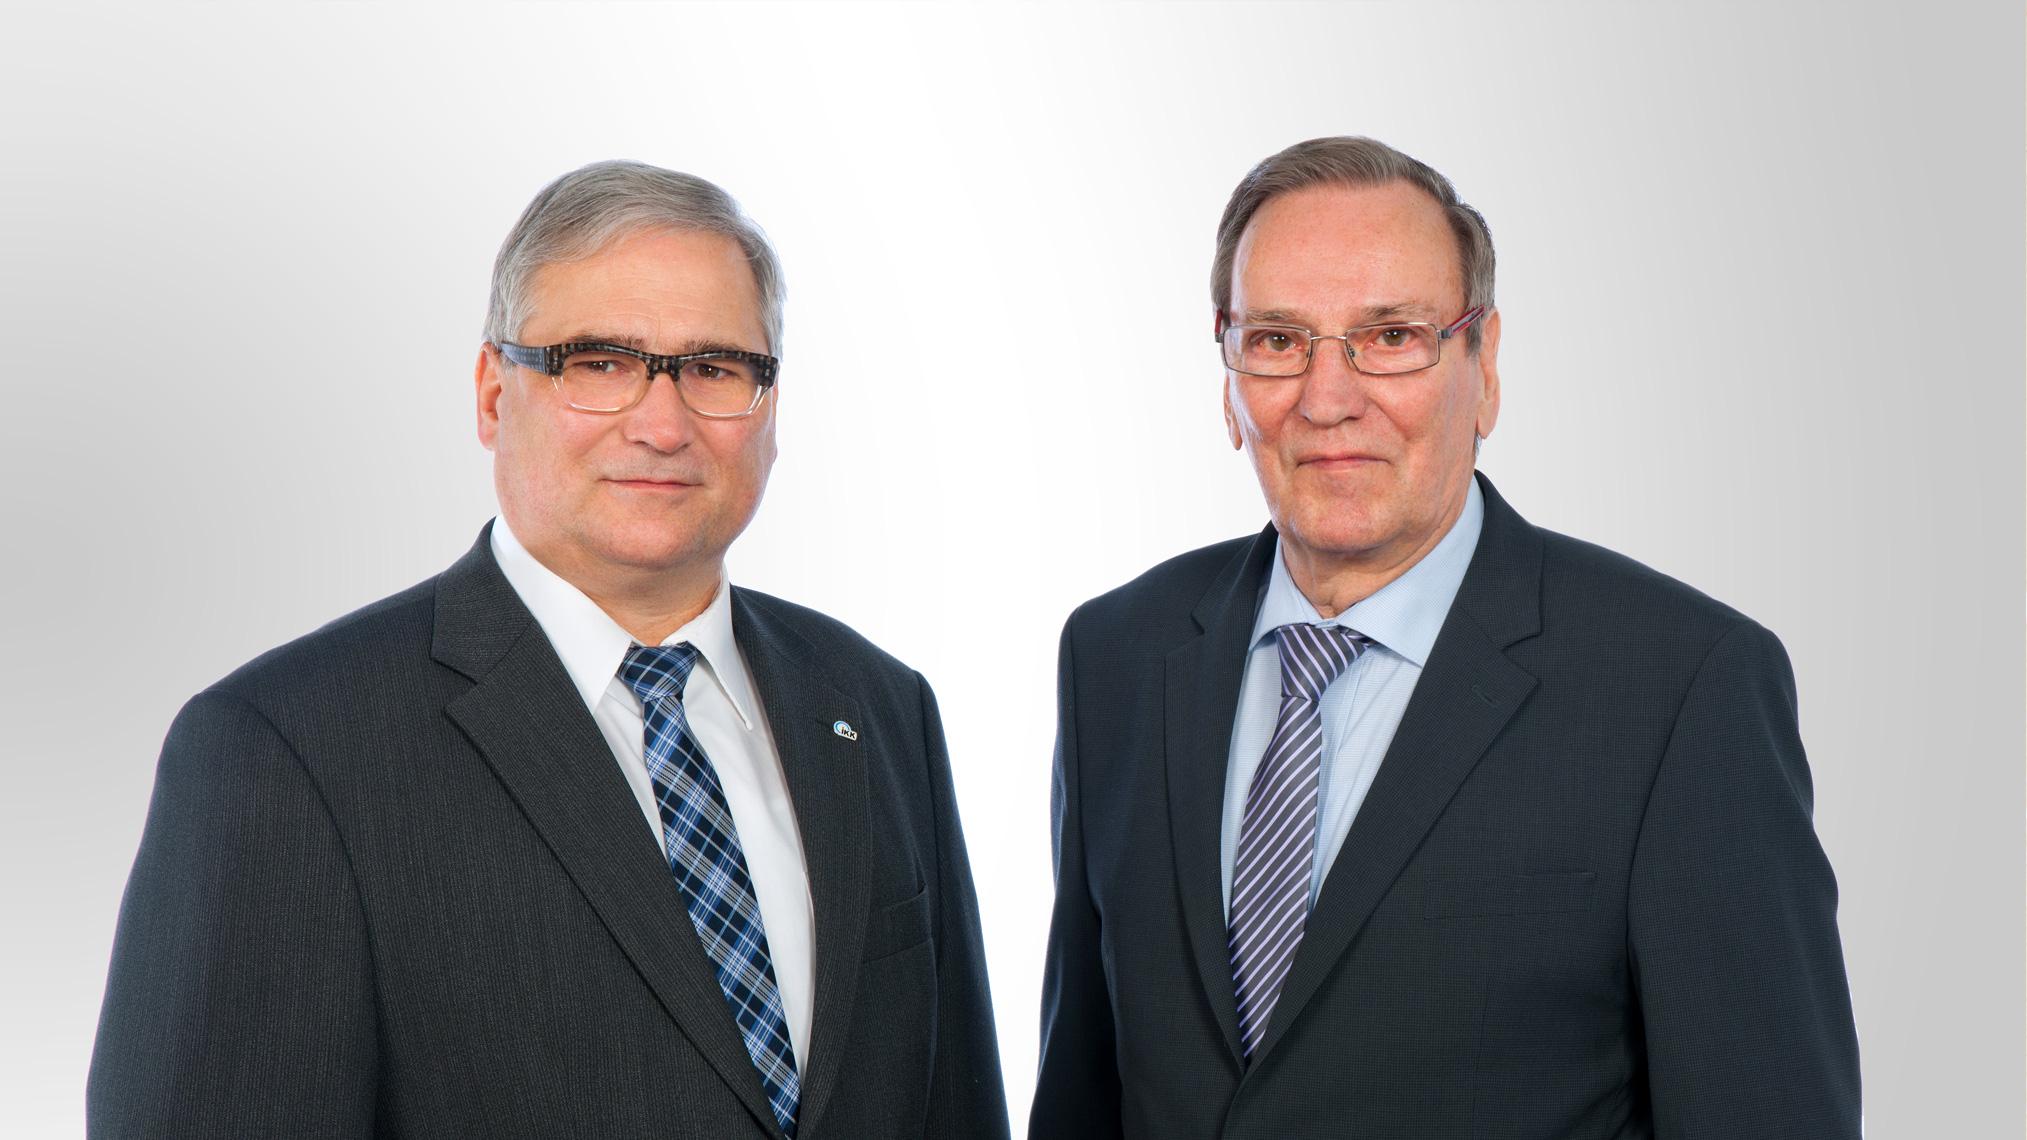 Die Verwaltungsratvorsitzenden der IKK gesund plus